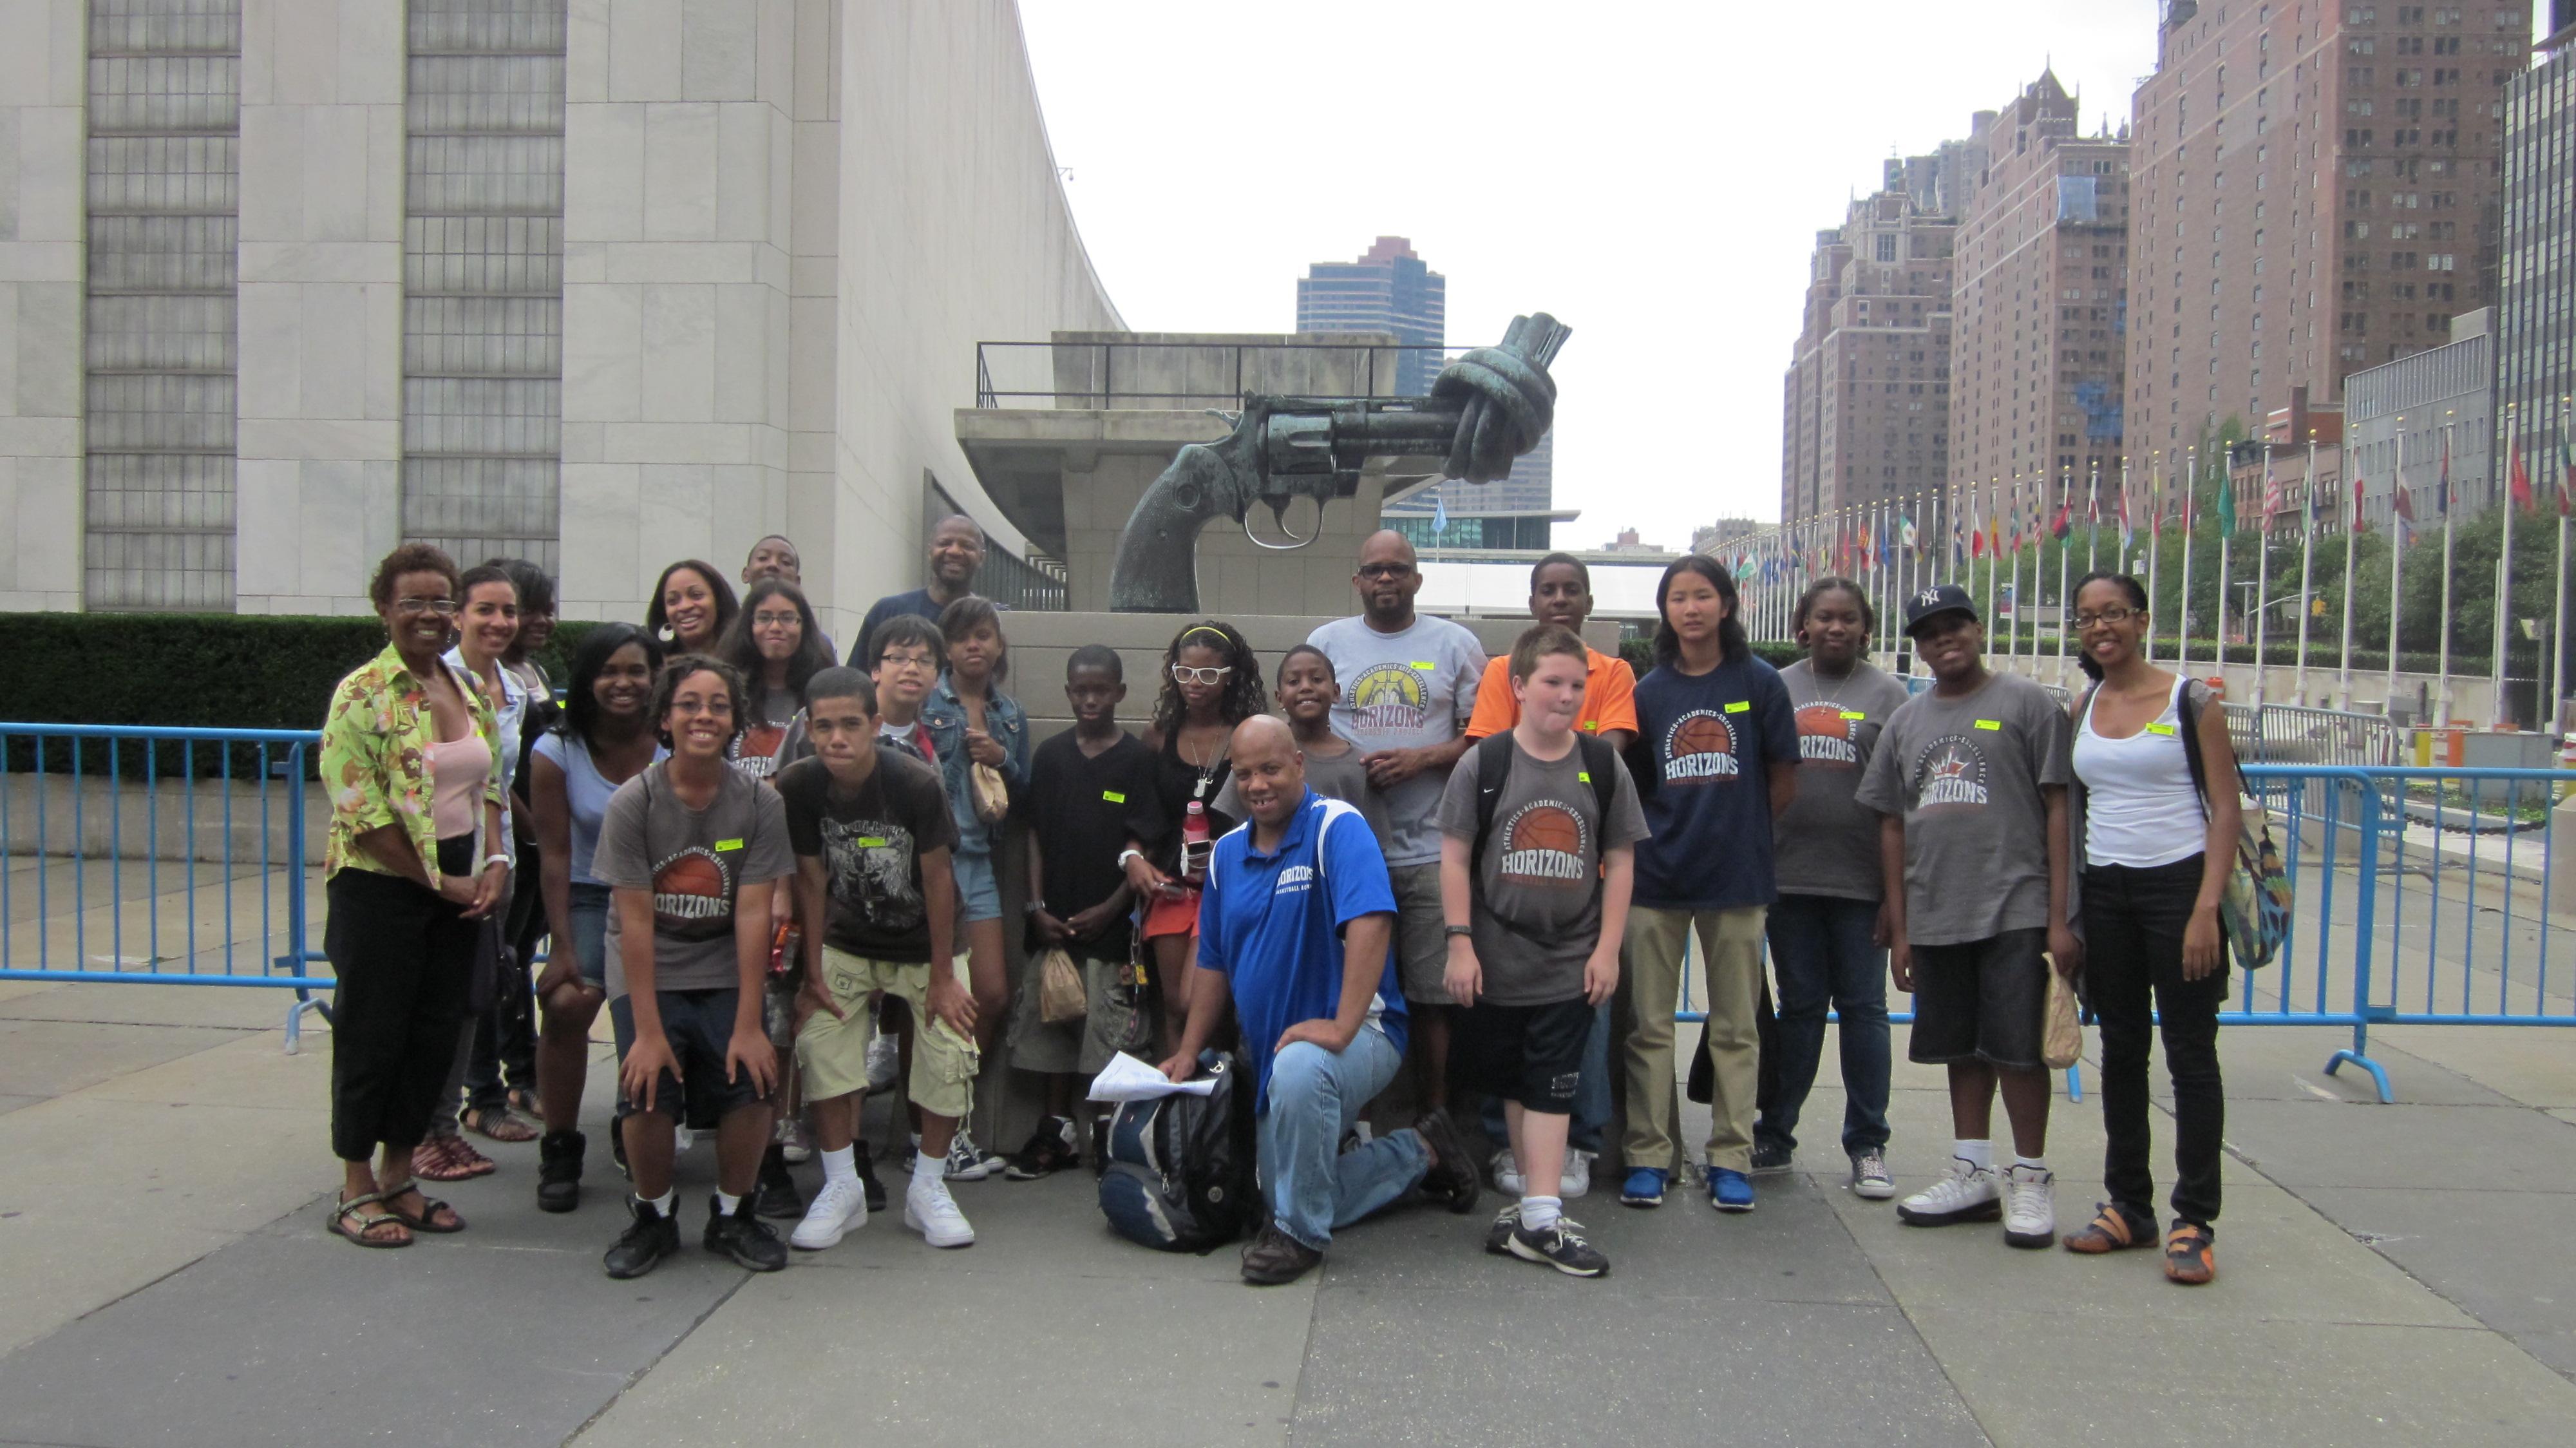 The UN Summer 2011